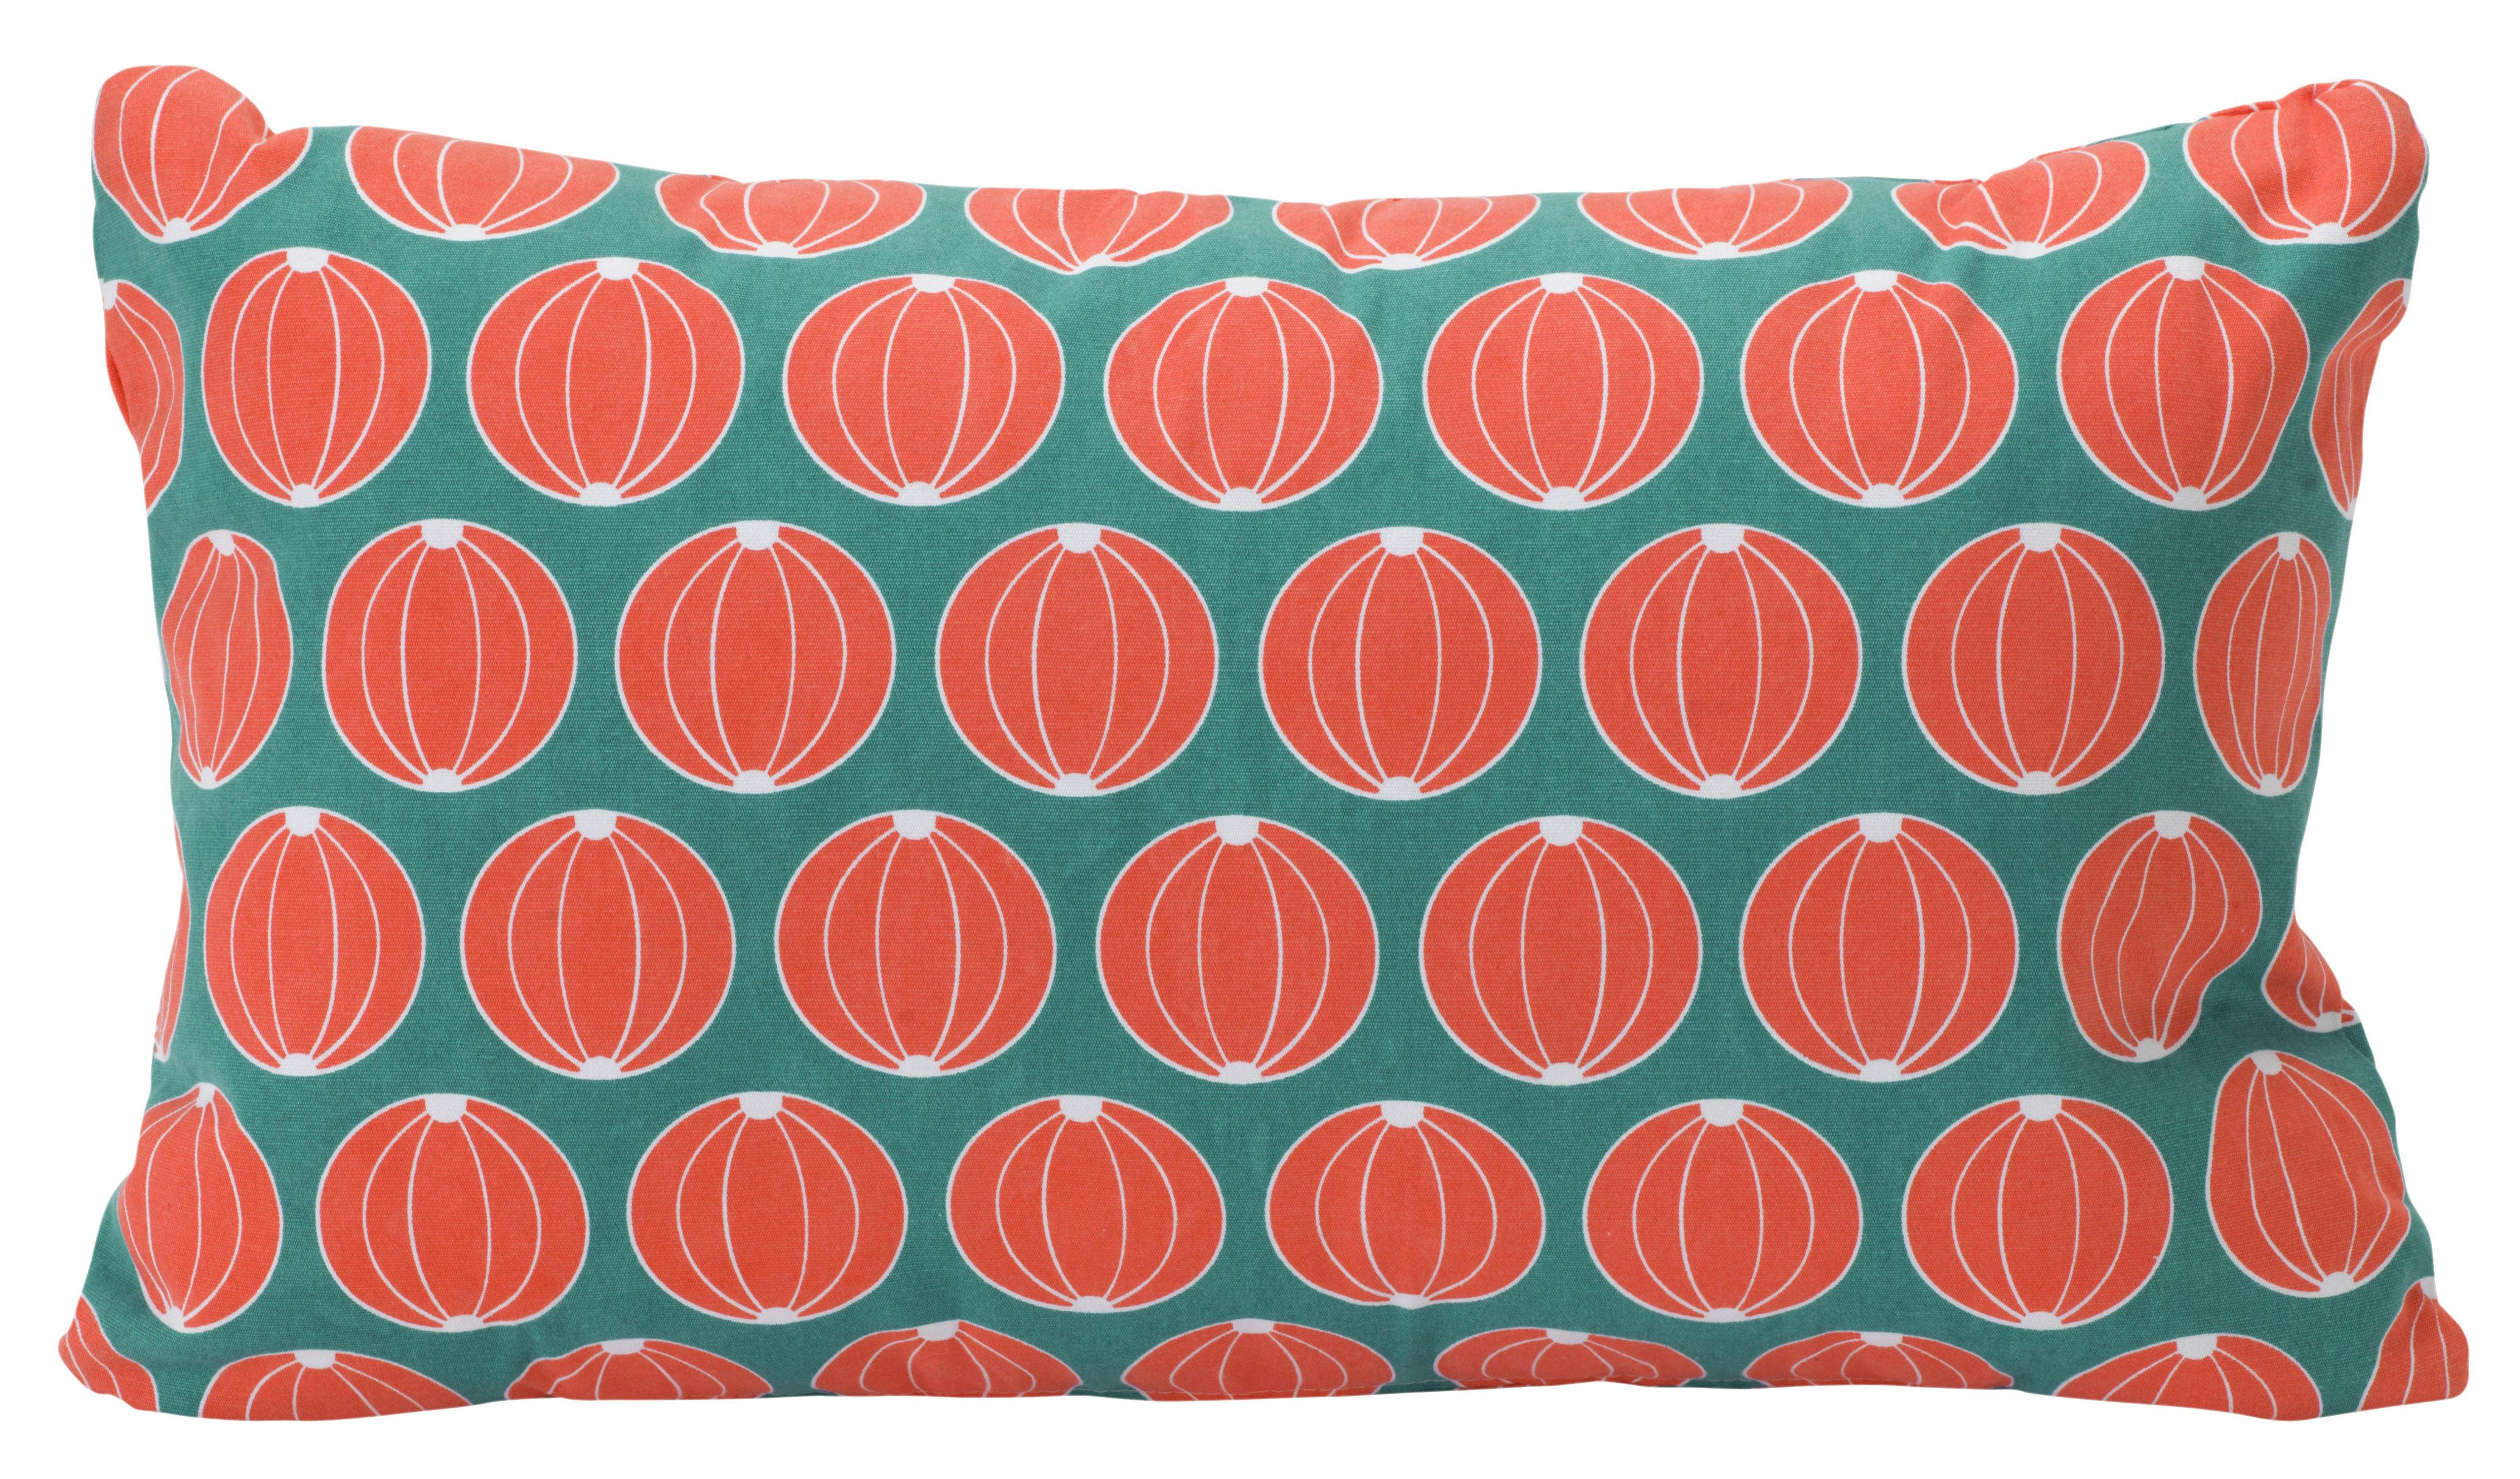 Interni - Cuscini  - Cuscino Melon / 68 x 44 cm - Per esterno - Fermob - Turchese - Cotone